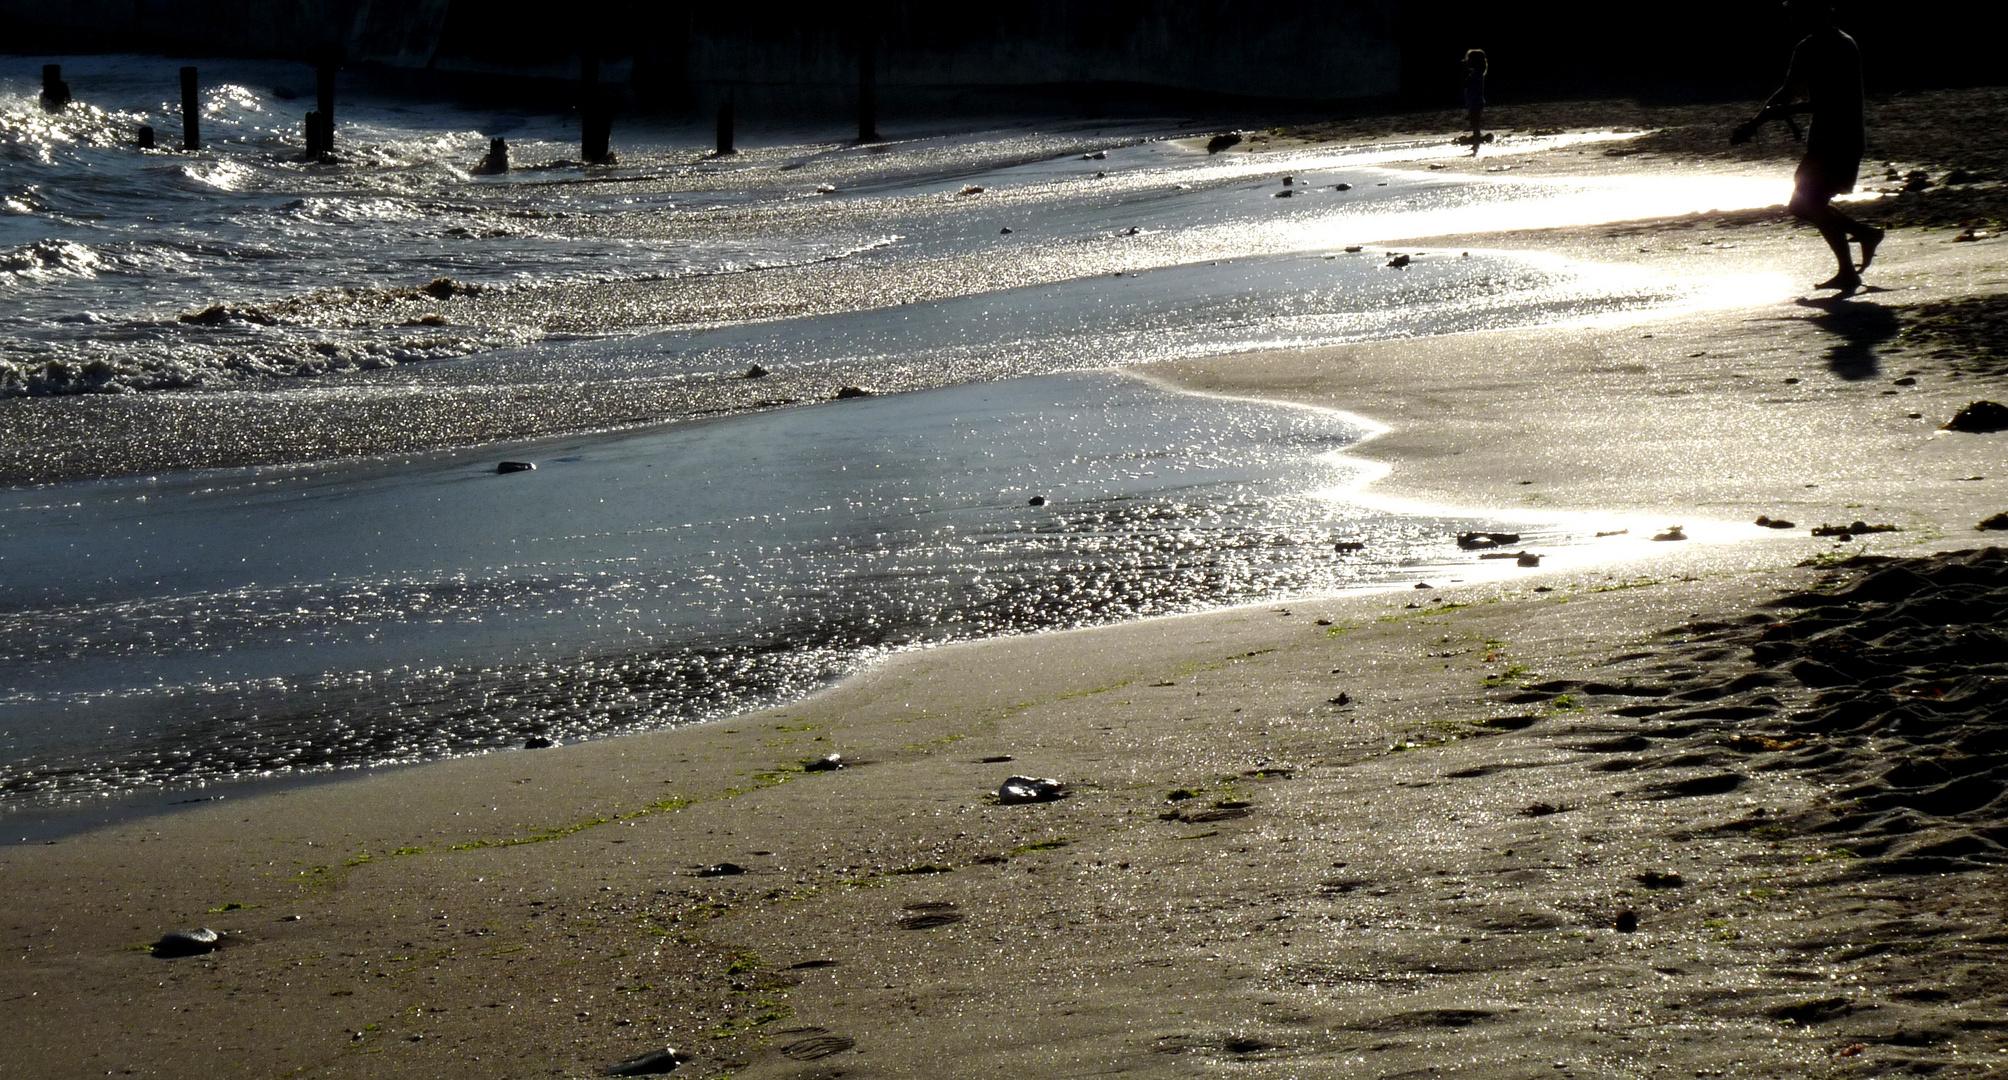 Et l'eau, le soleil brille.